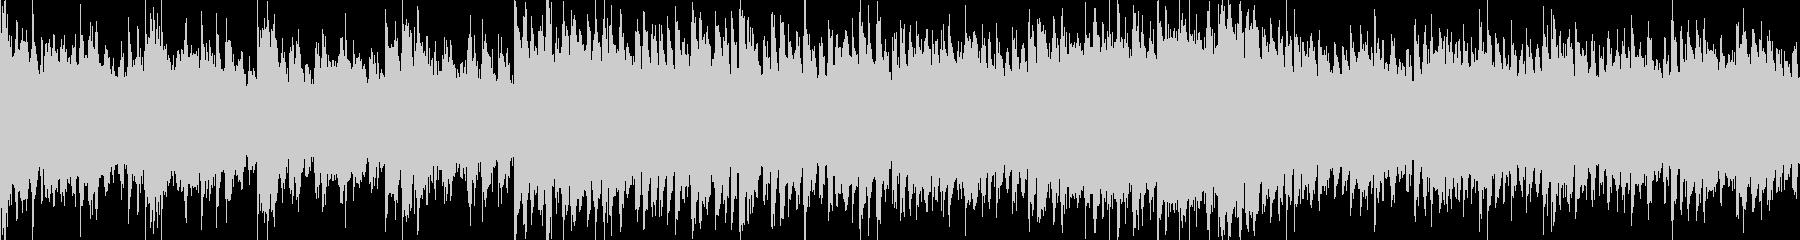 謎めいた雰囲気のミステリー系BGMの未再生の波形